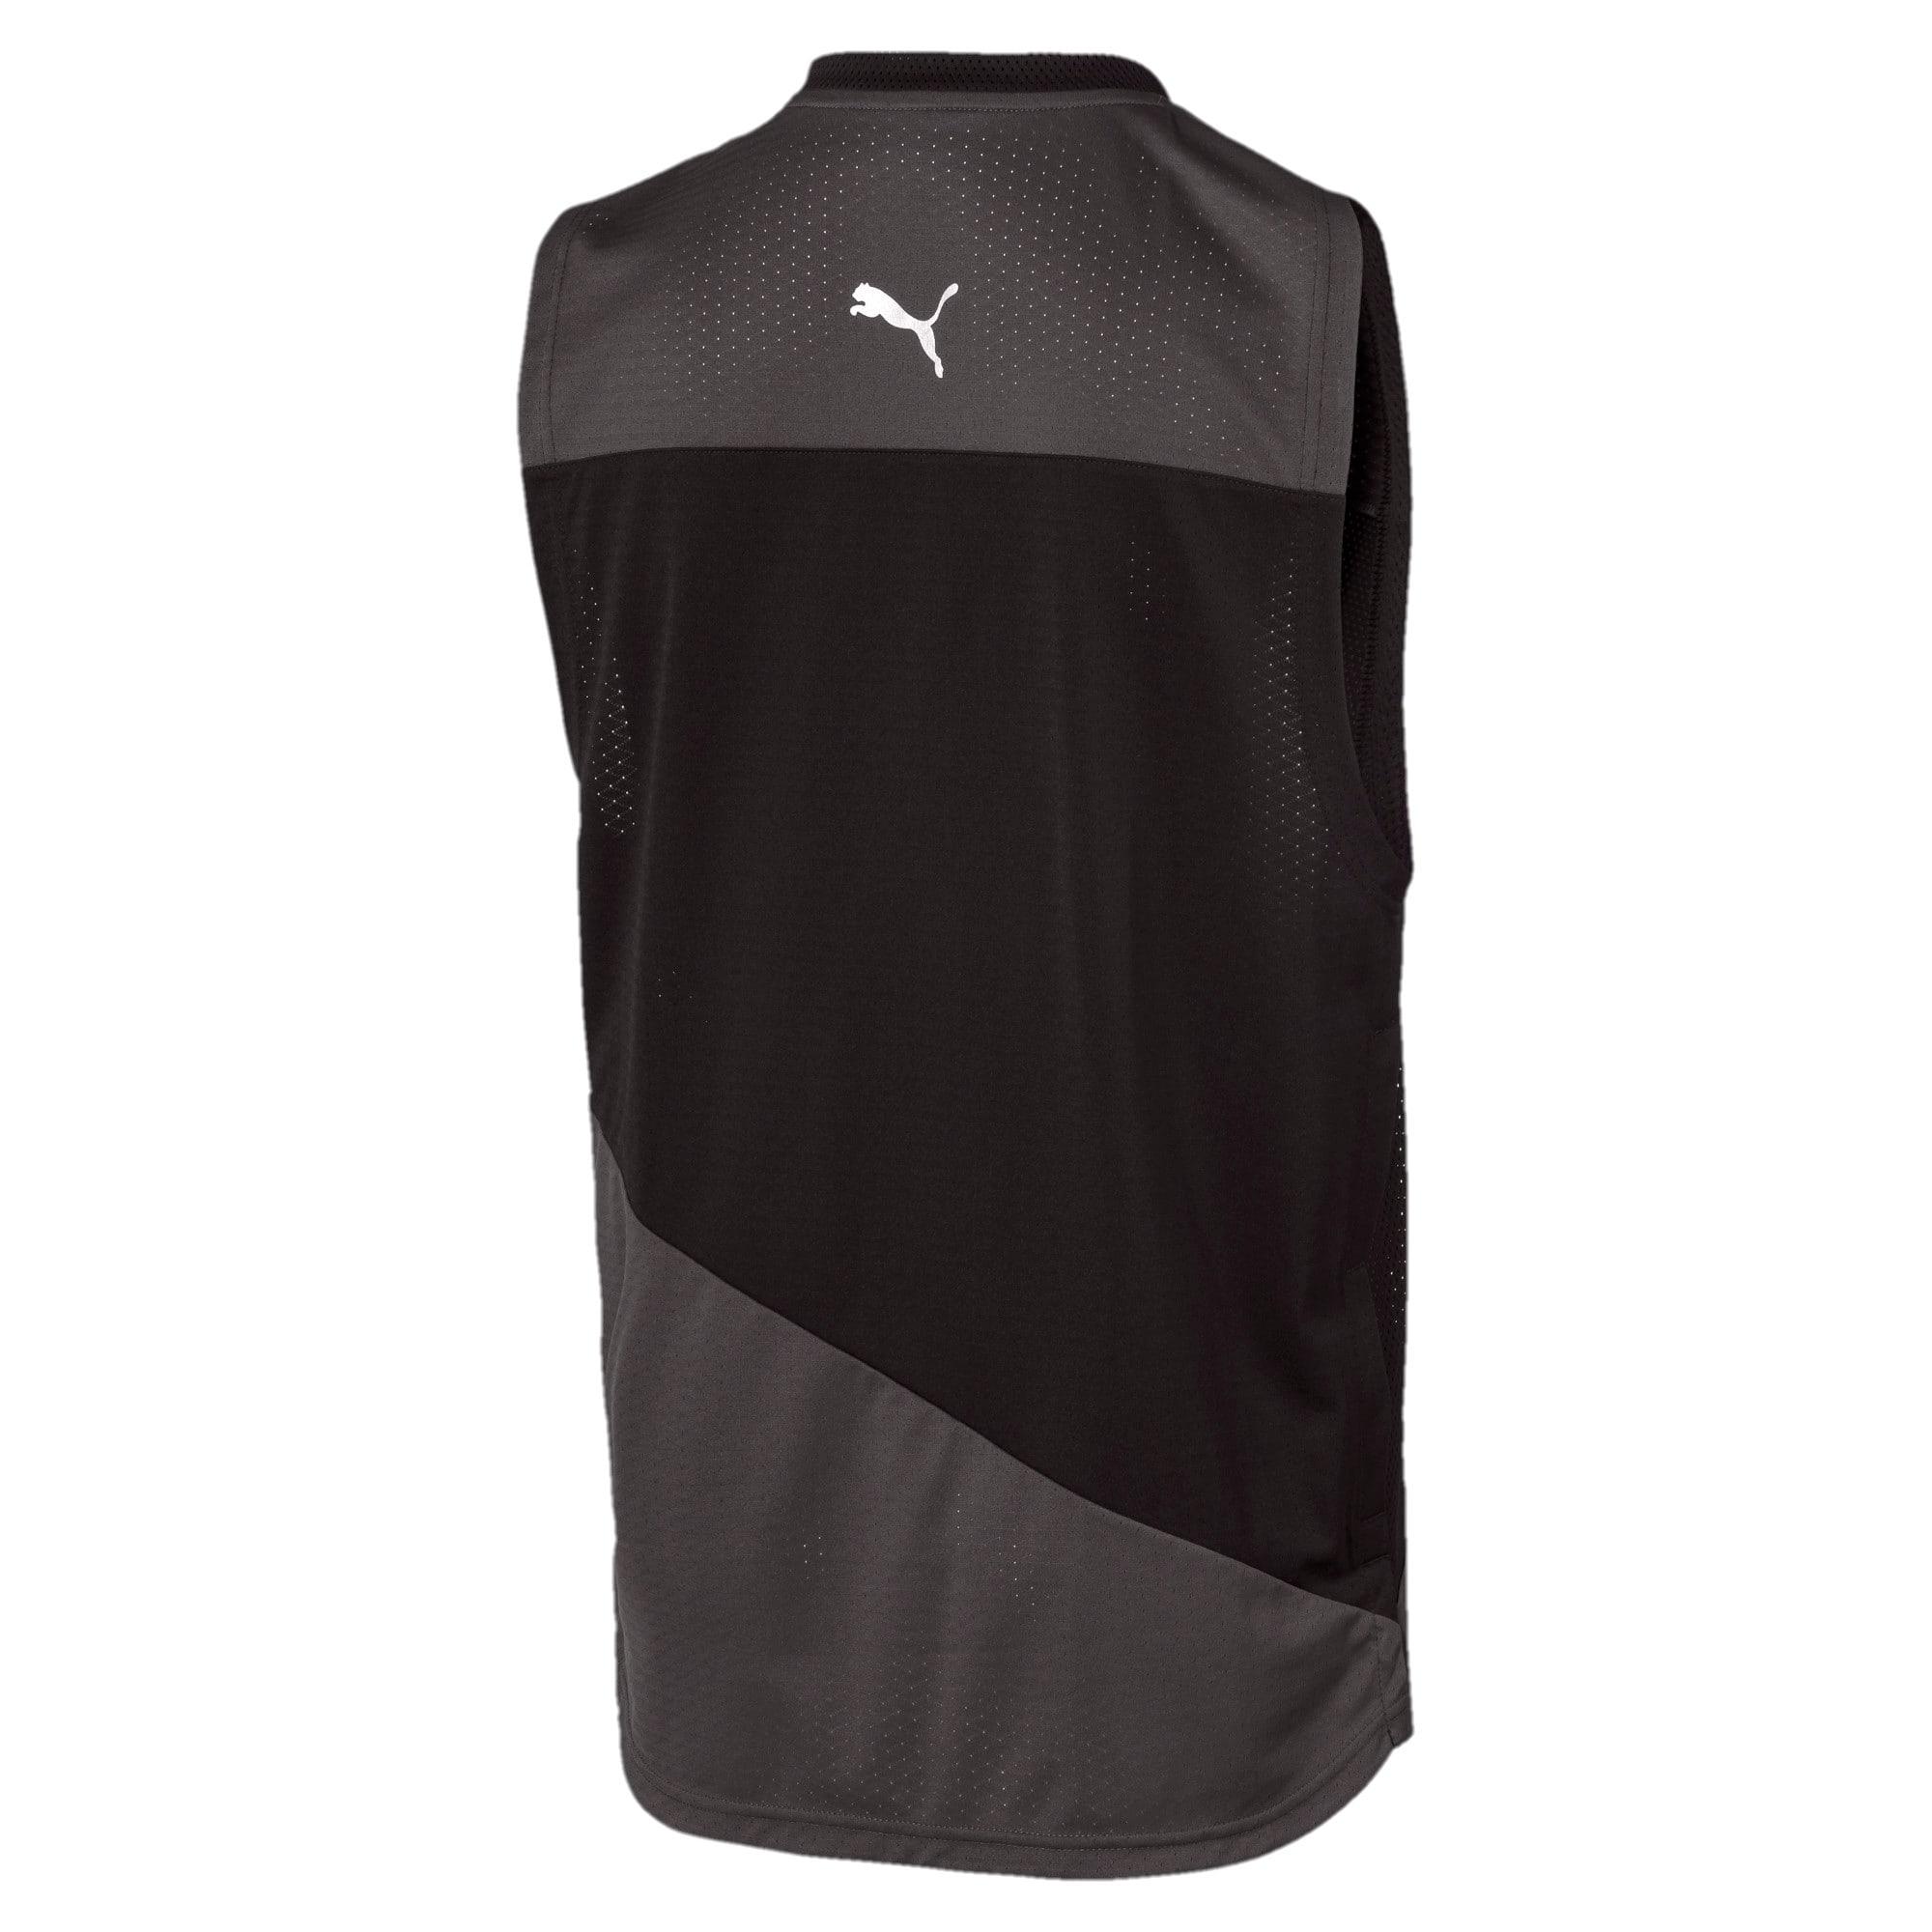 Miniatura 3 de Camiseta sin mangas A.C.E. para hombre, Asphalt-Puma Black, mediano